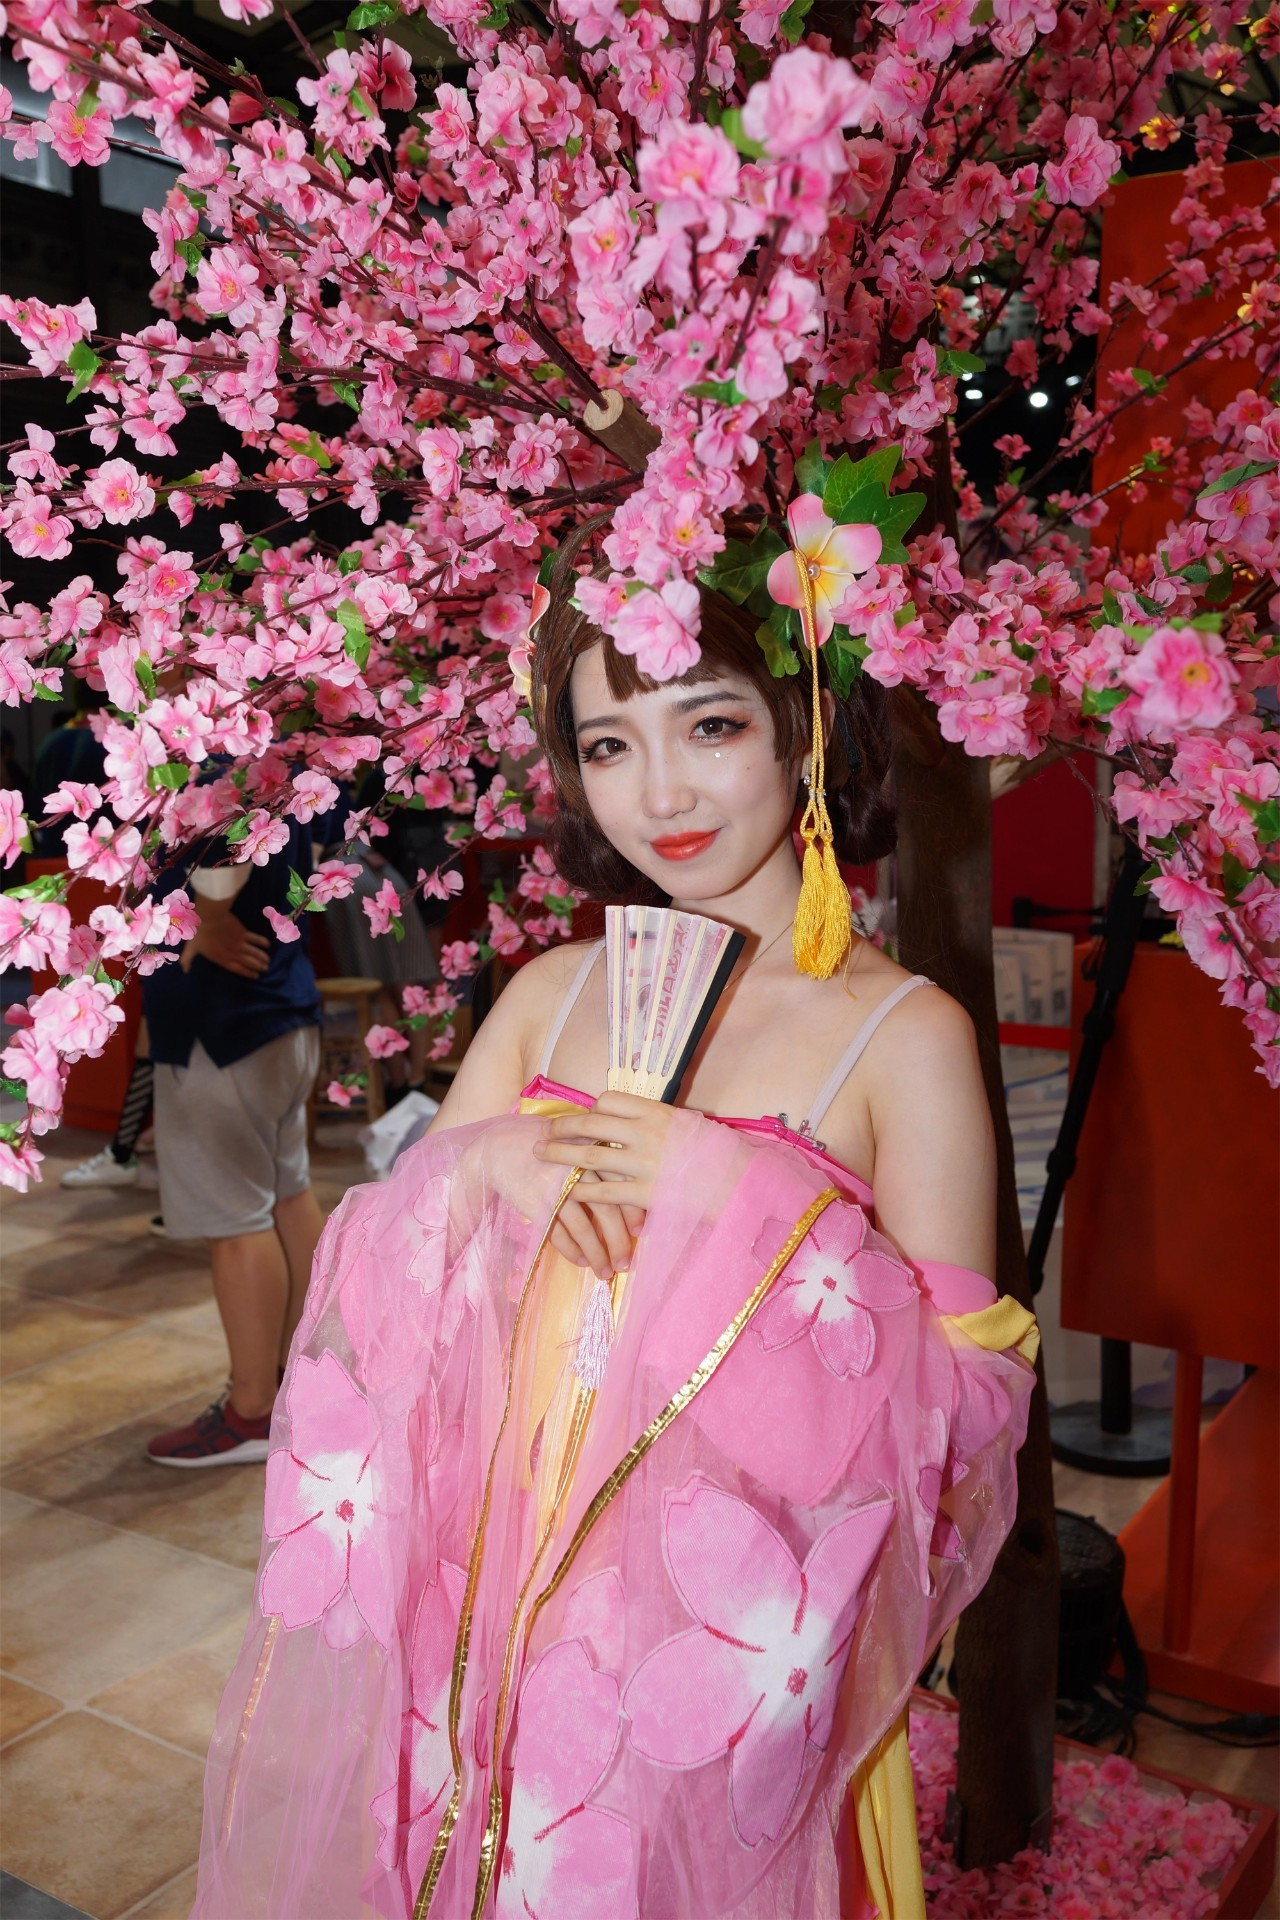 游戏资讯_Chinajoy2018古风美女图集_3DM单机